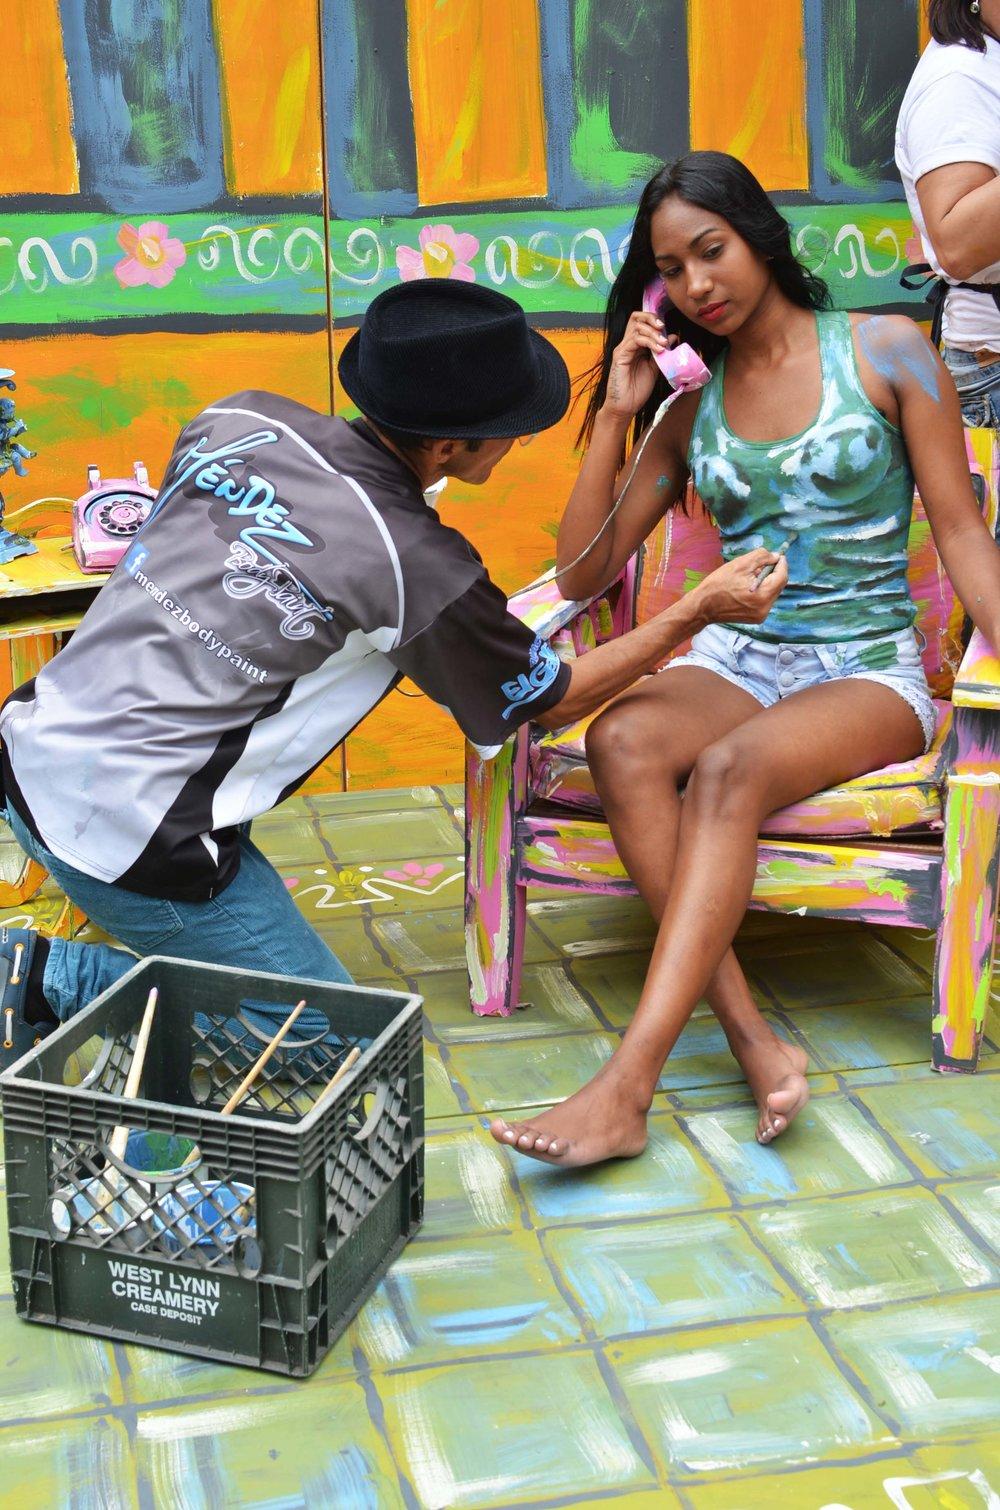 6-Foto_de_Oscar_Monge_para_Amón_Cultural-El_Mural_3D_fue_sin_duda_unas_de_las_intervenciones-que_más_llamó_la_atención_en_el_pasado_Amón_Cultural.jpg